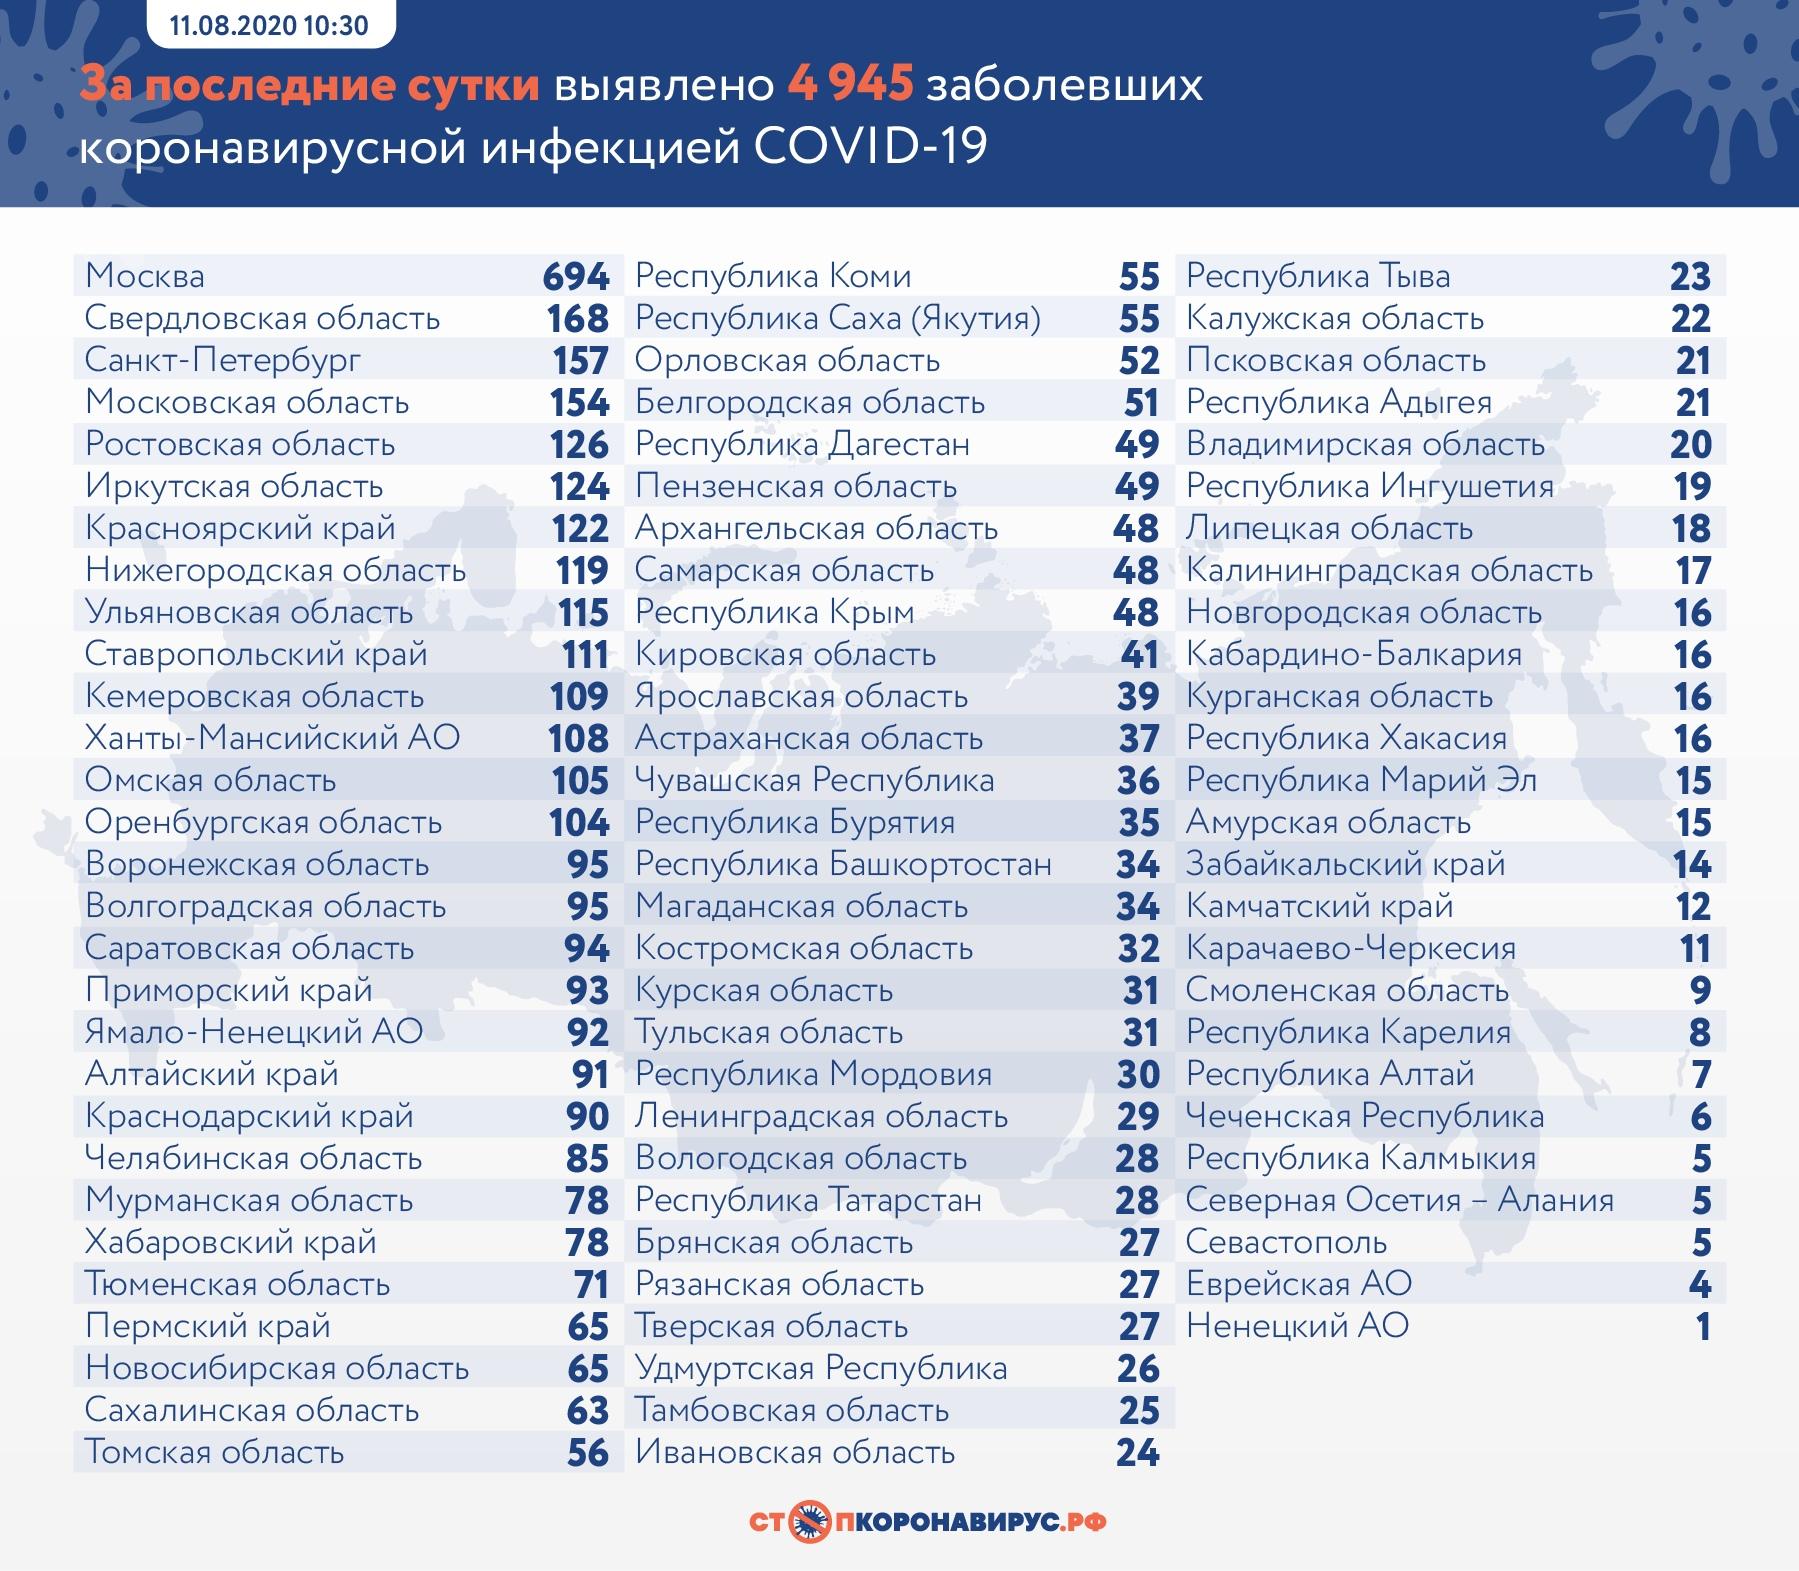 В Самарской области из-за коронавируса умерли 3 человека